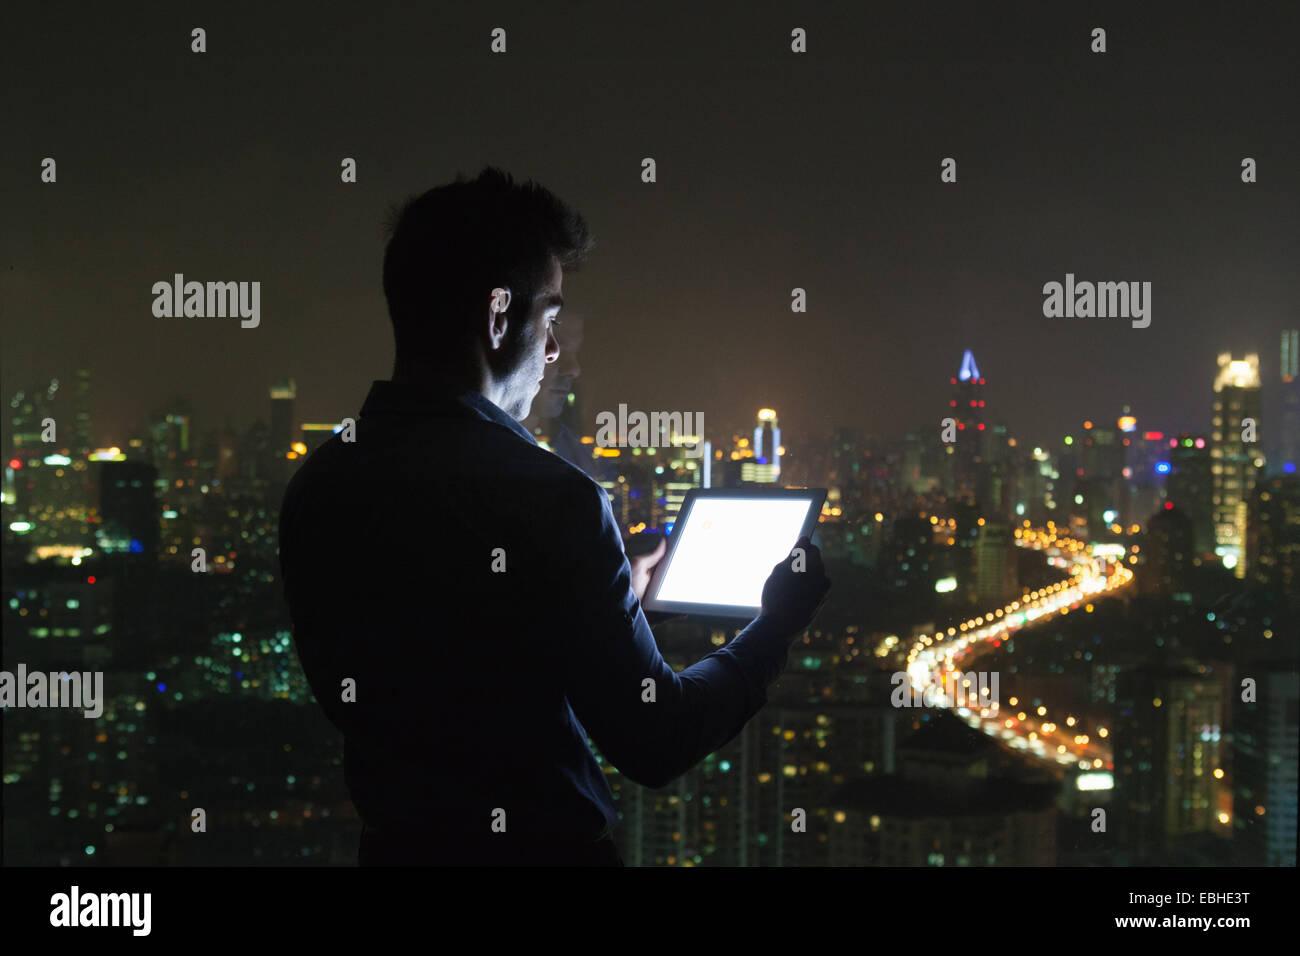 Siluetas de joven empresario mirando tableta digital delante de la ventana de la oficina de rascacielos en la noche, Imagen De Stock